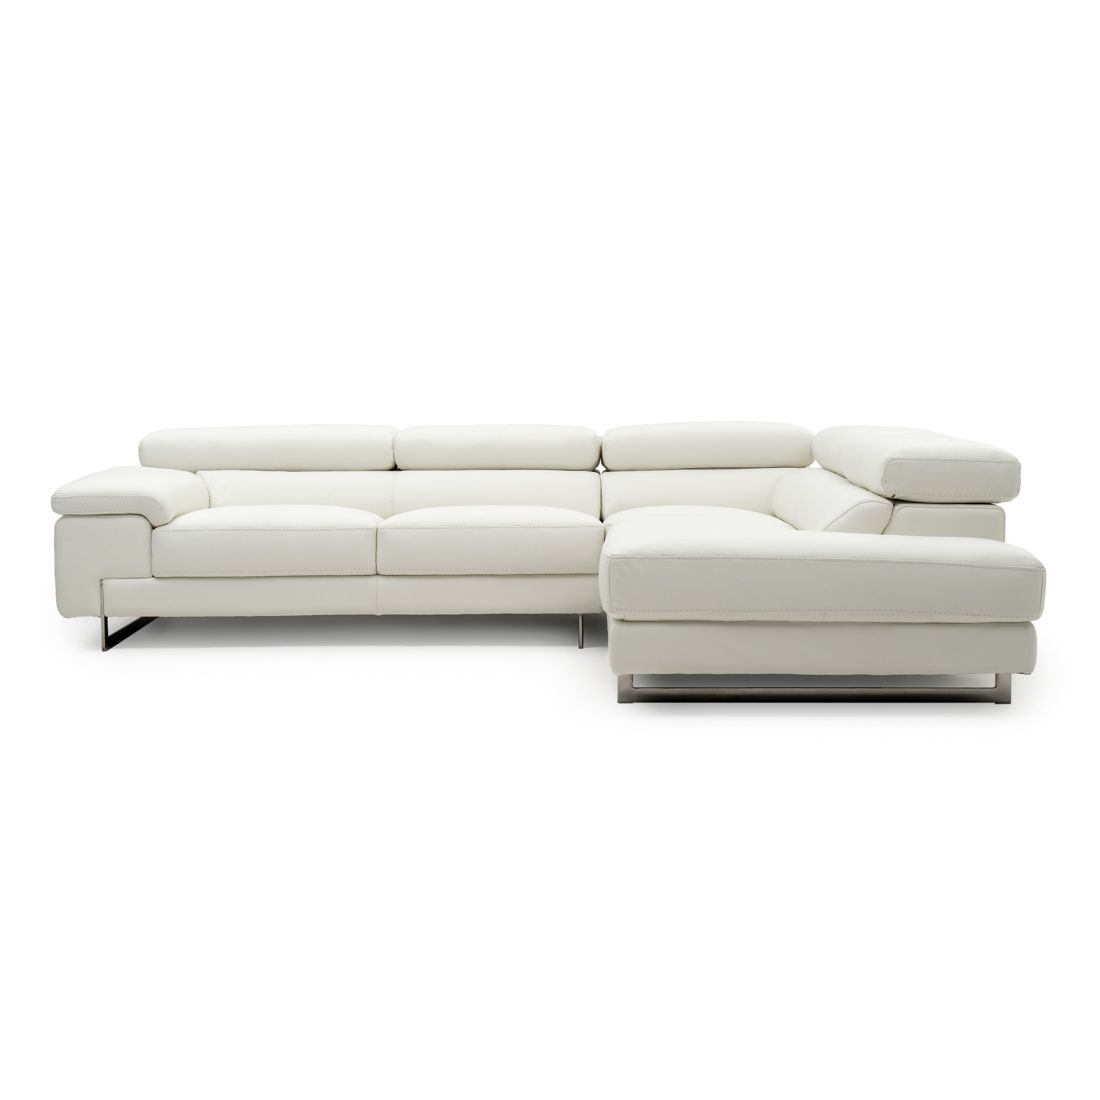 Repose Tete Baignoire Ikea waller | canapé composable, cuir et pratique